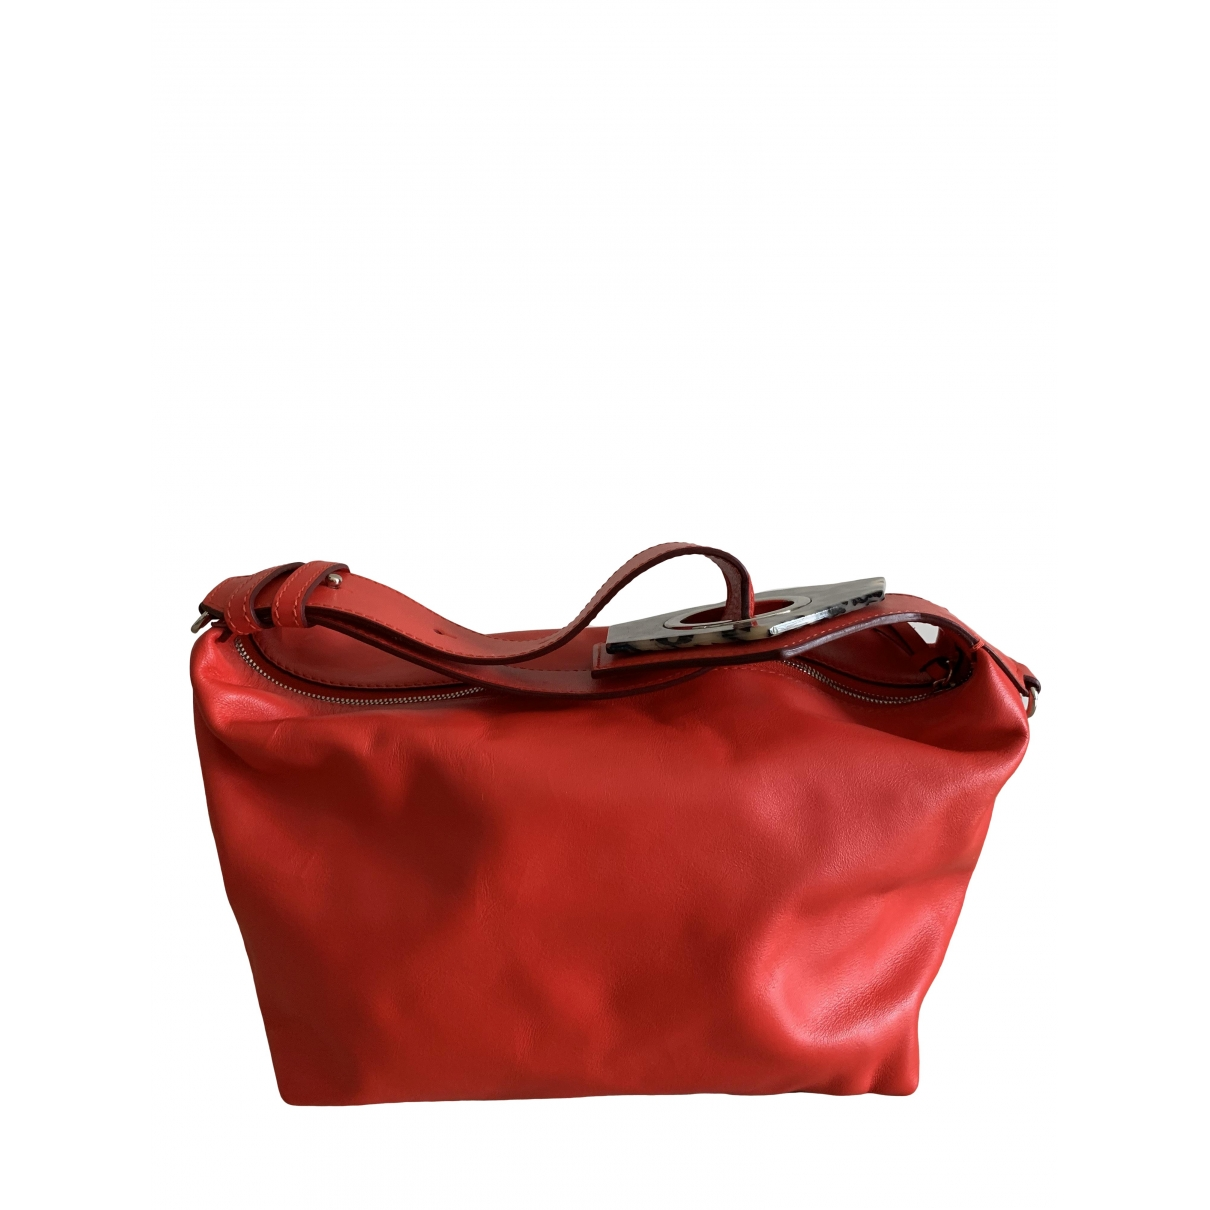 Ganni - Sac a main   pour femme en cuir - rouge